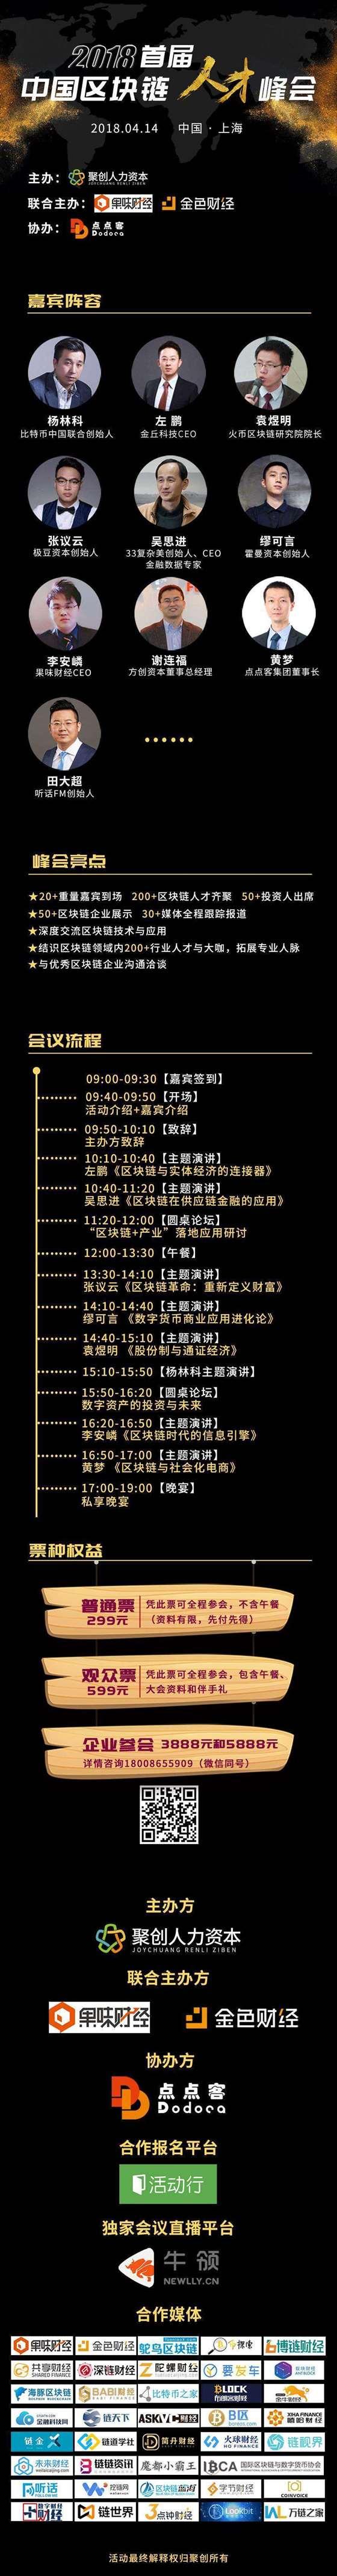 活动行活动介绍.JPG